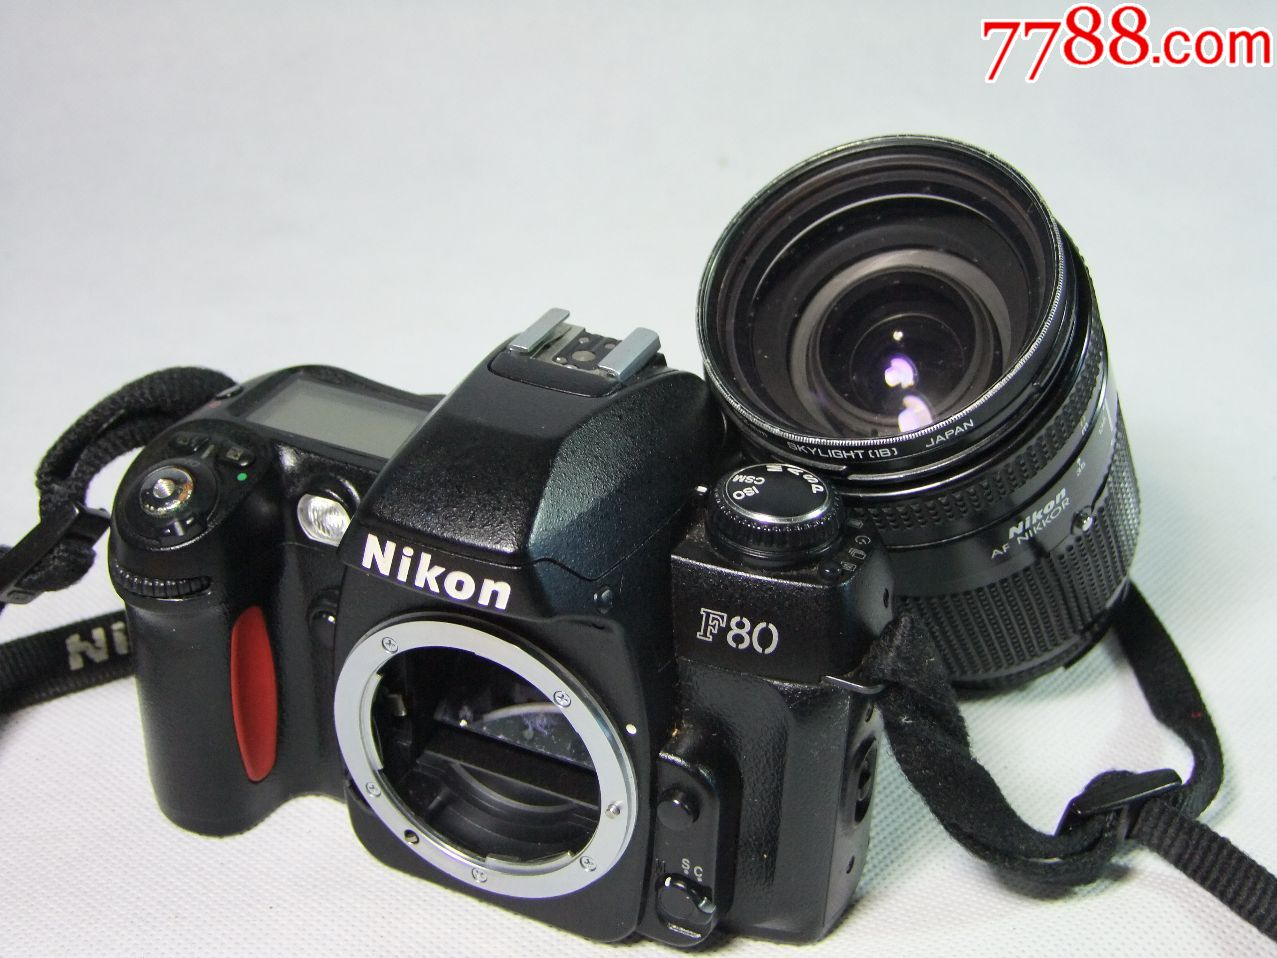 尼康f80_尼康f75對比f80_尼康d500對比尼康d700